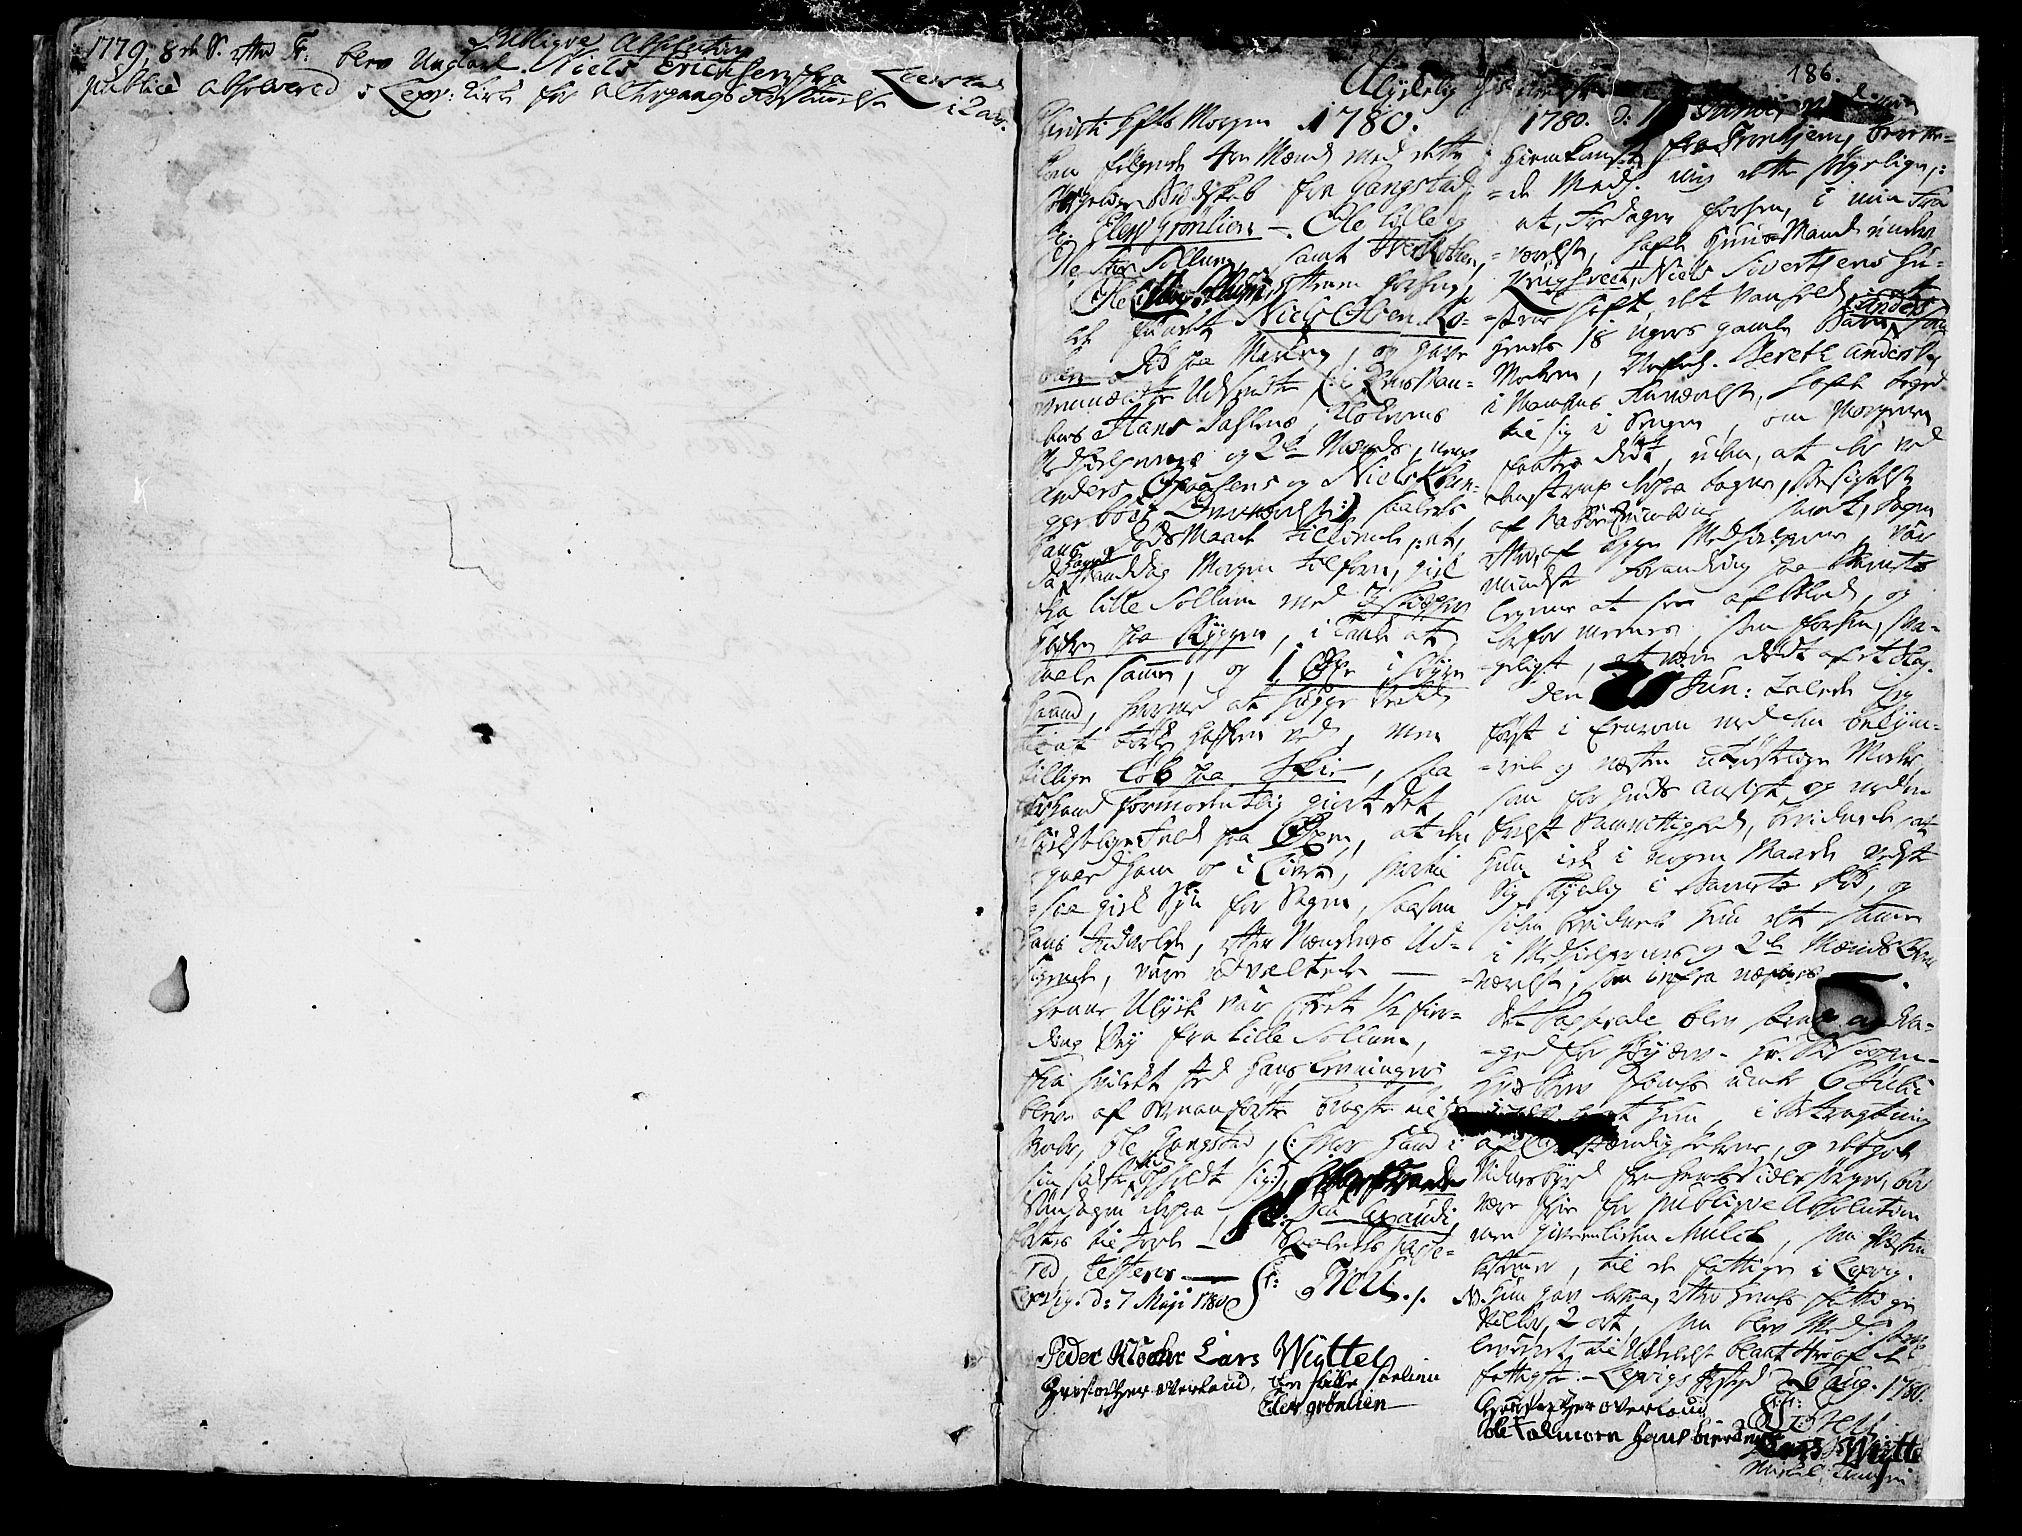 SAT, Ministerialprotokoller, klokkerbøker og fødselsregistre - Nord-Trøndelag, 701/L0003: Ministerialbok nr. 701A03, 1751-1783, s. 186